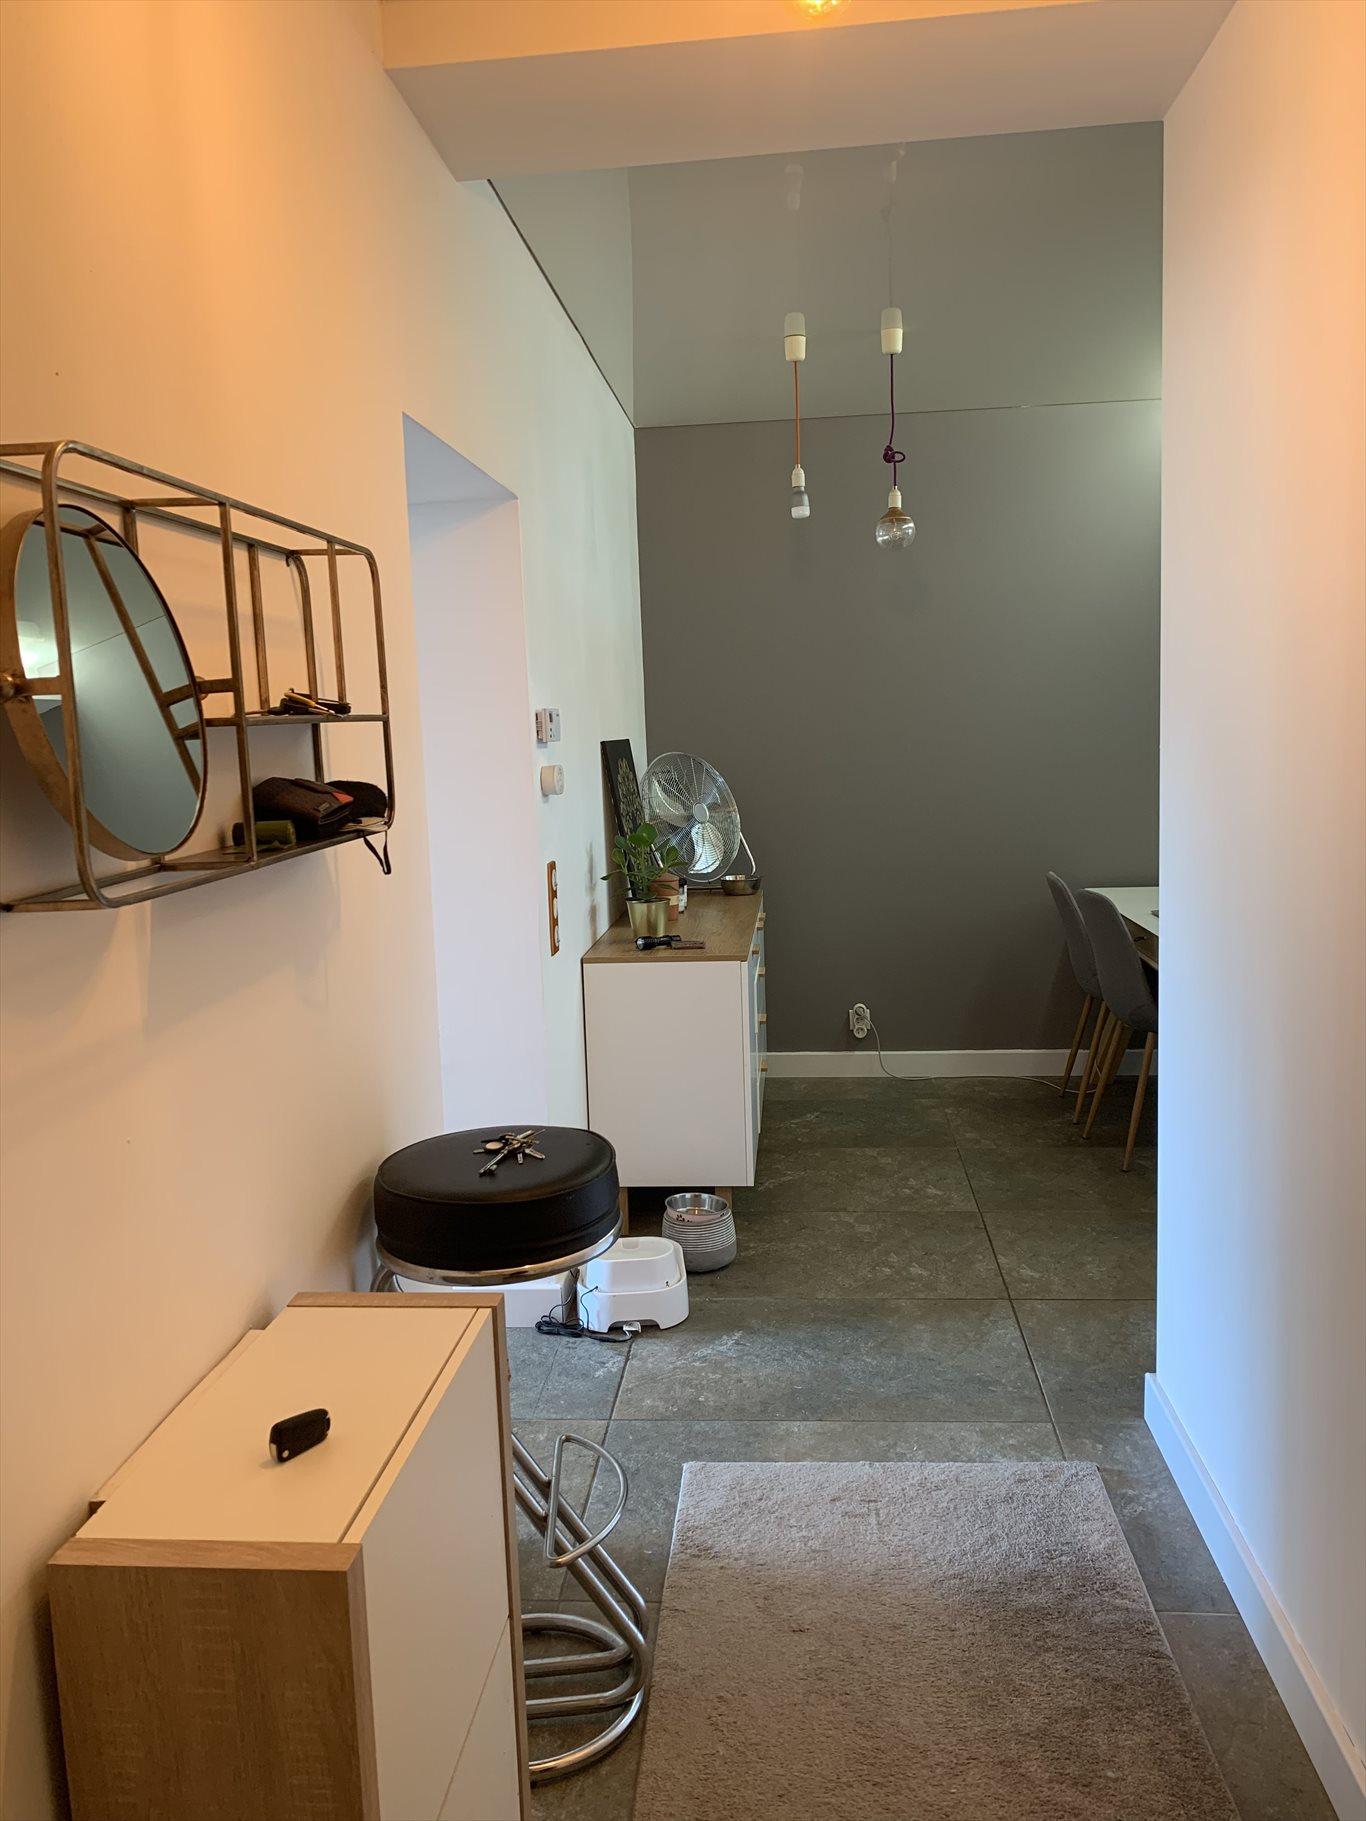 Mieszkanie trzypokojowe na sprzedaż Wrocław, Śródmieście, Sępolno, Sierakowskiego  59m2 Foto 3